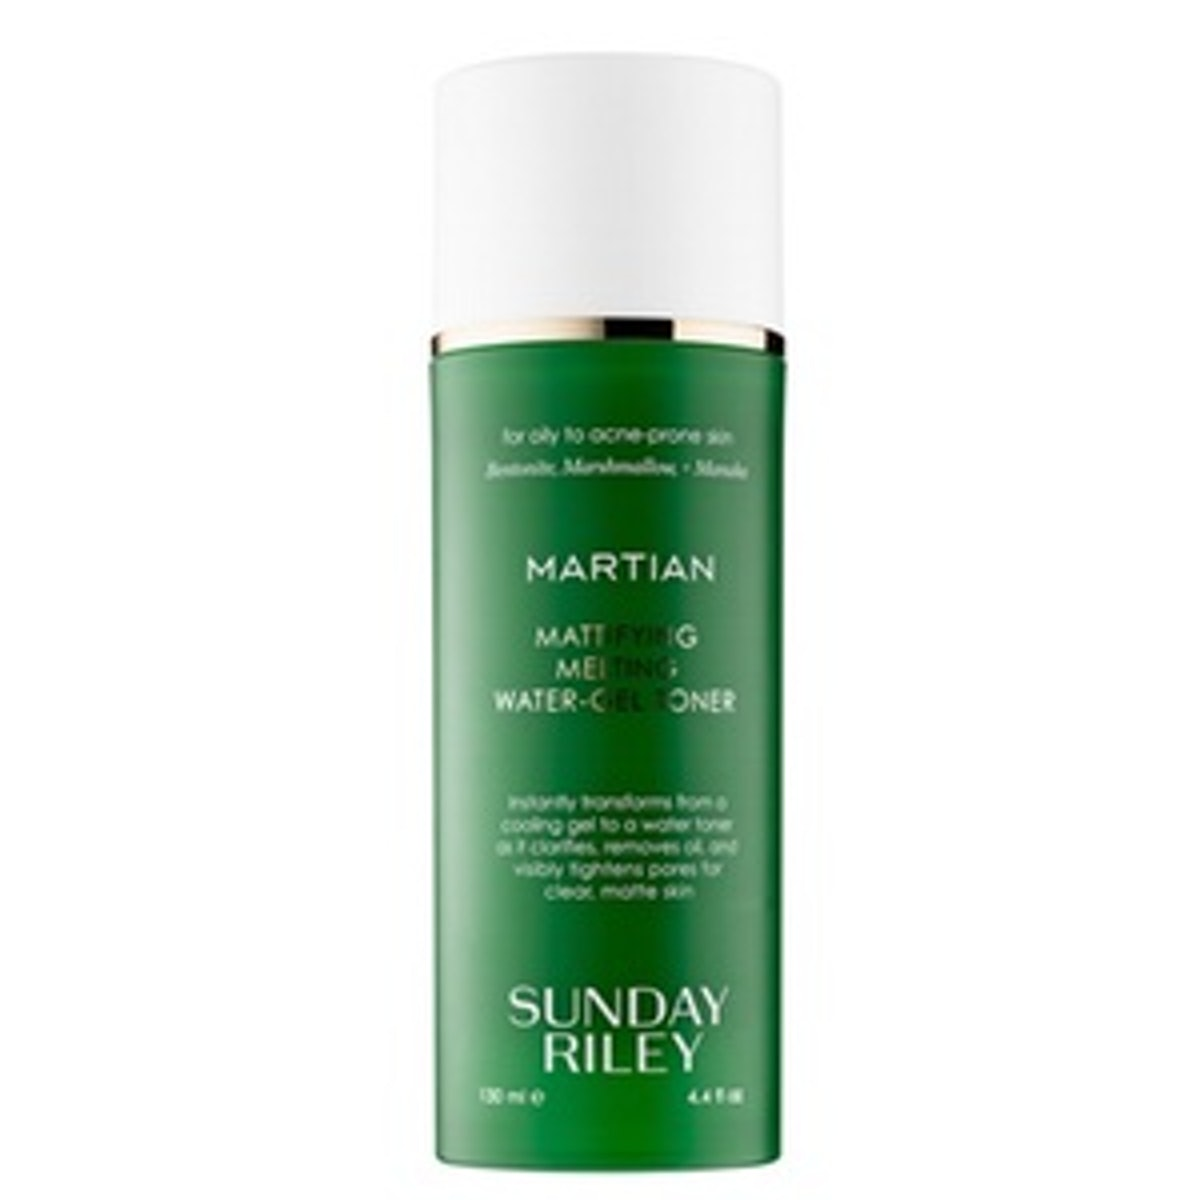 Martian Mattifying Melting Water-Gel Toner